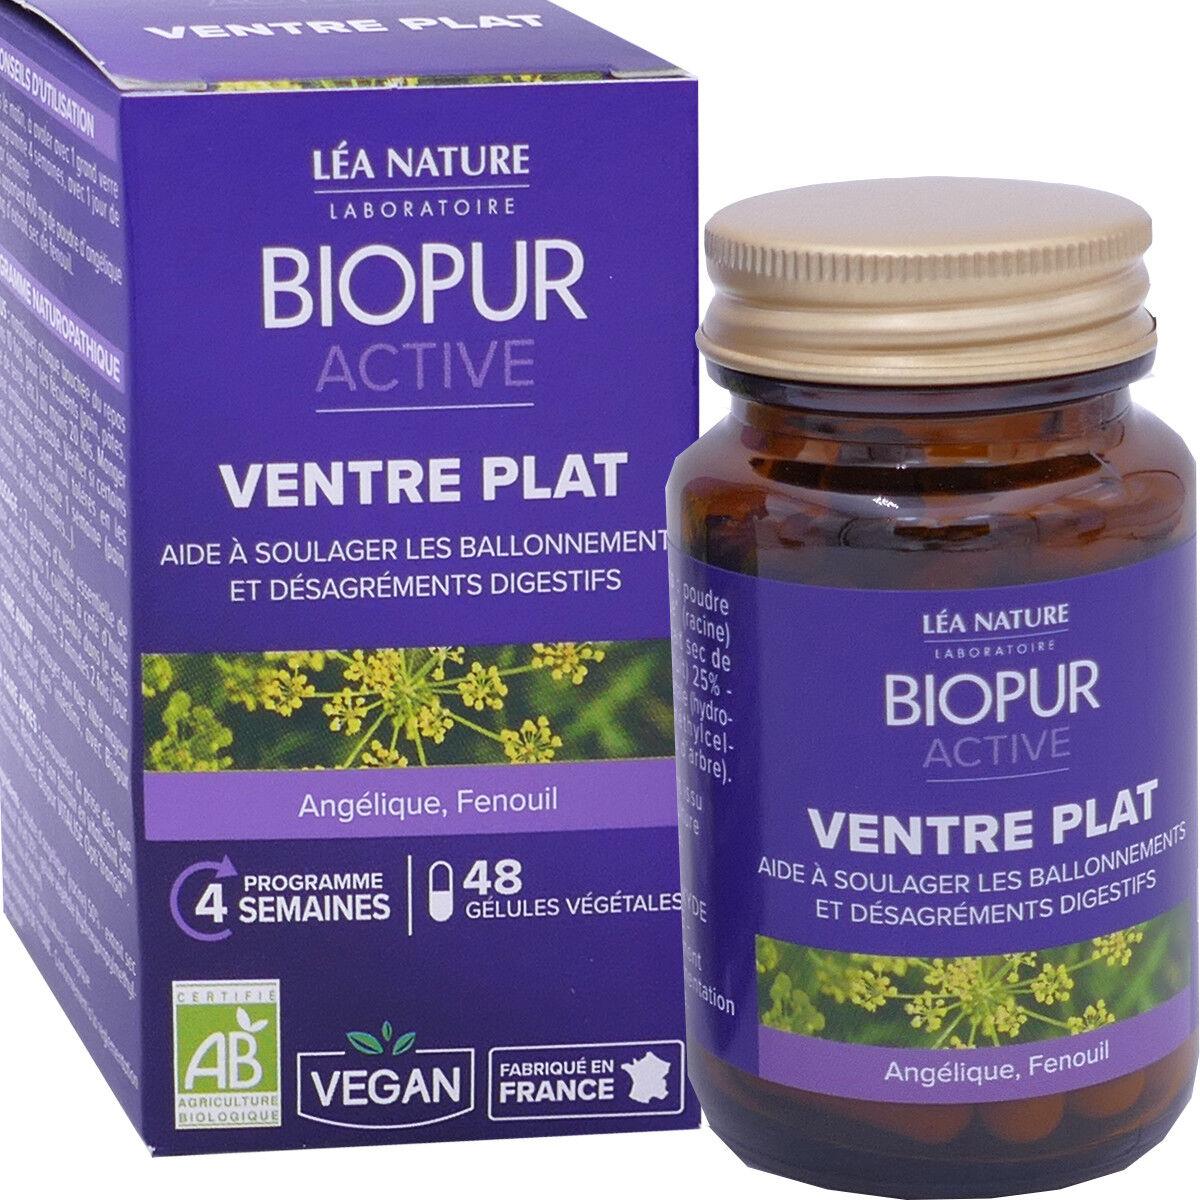 LEA NATURE Biopur ventre plat minceur 48 gÉlules bio